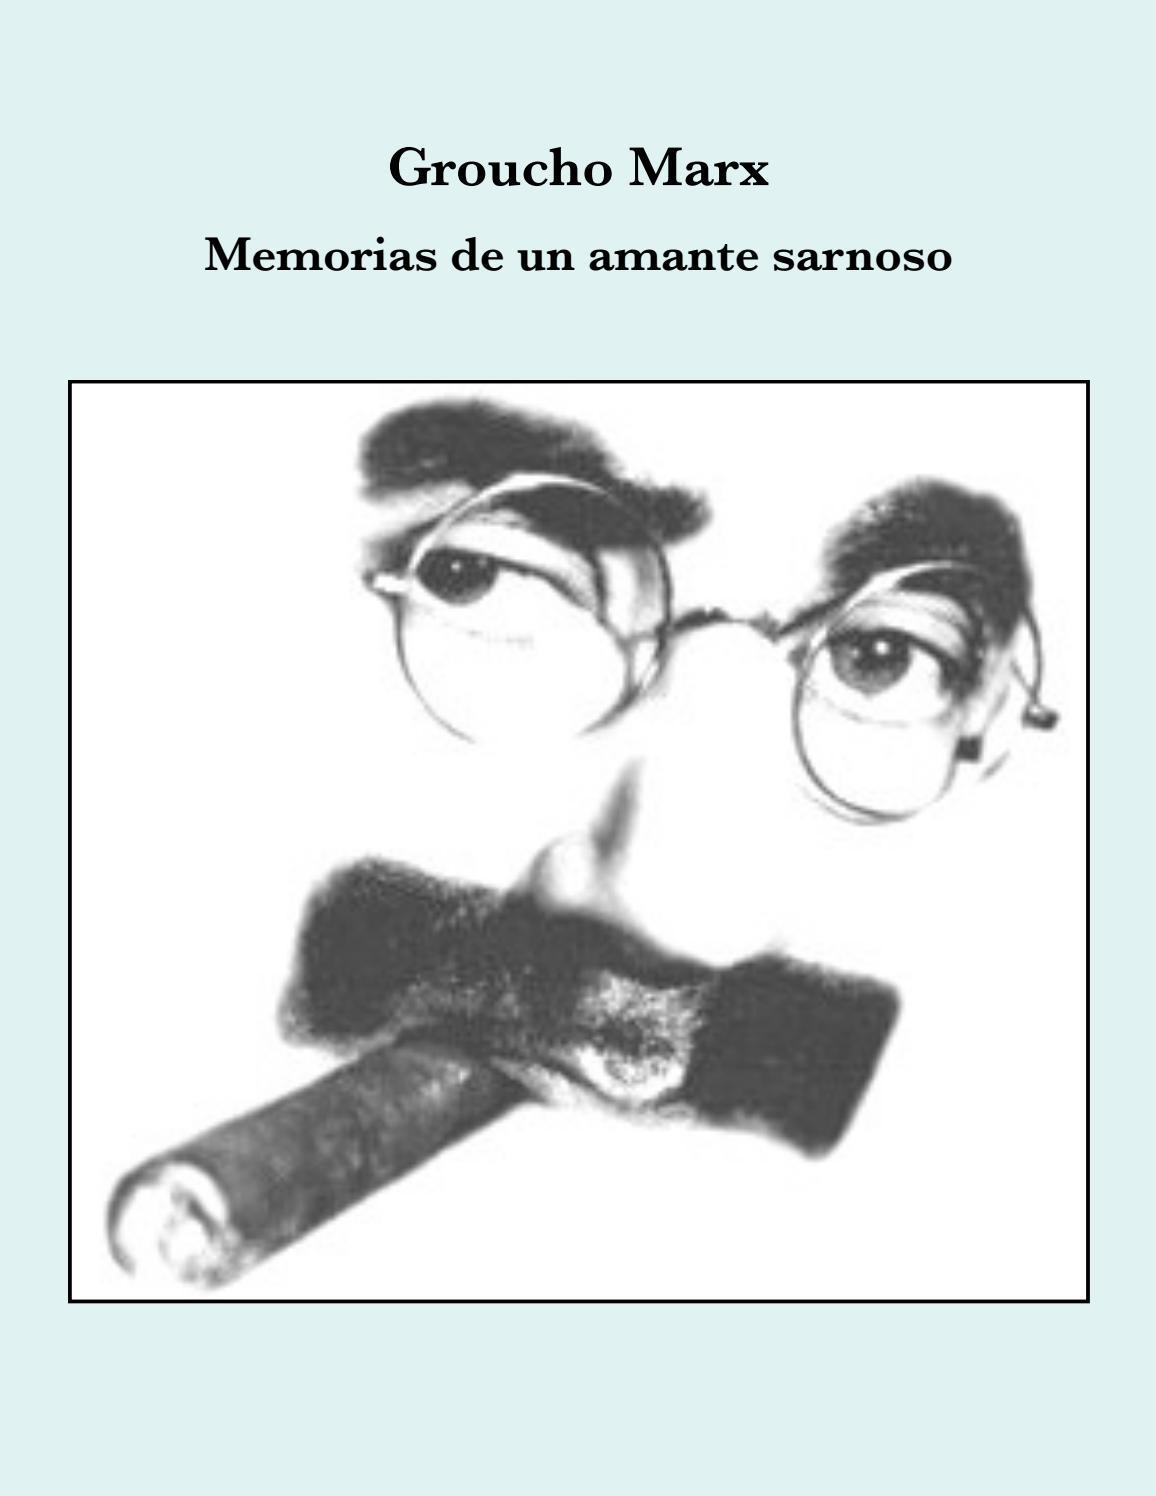 Groucho Marx Memorias de un amante sarnoso by BetoVBa - issuu